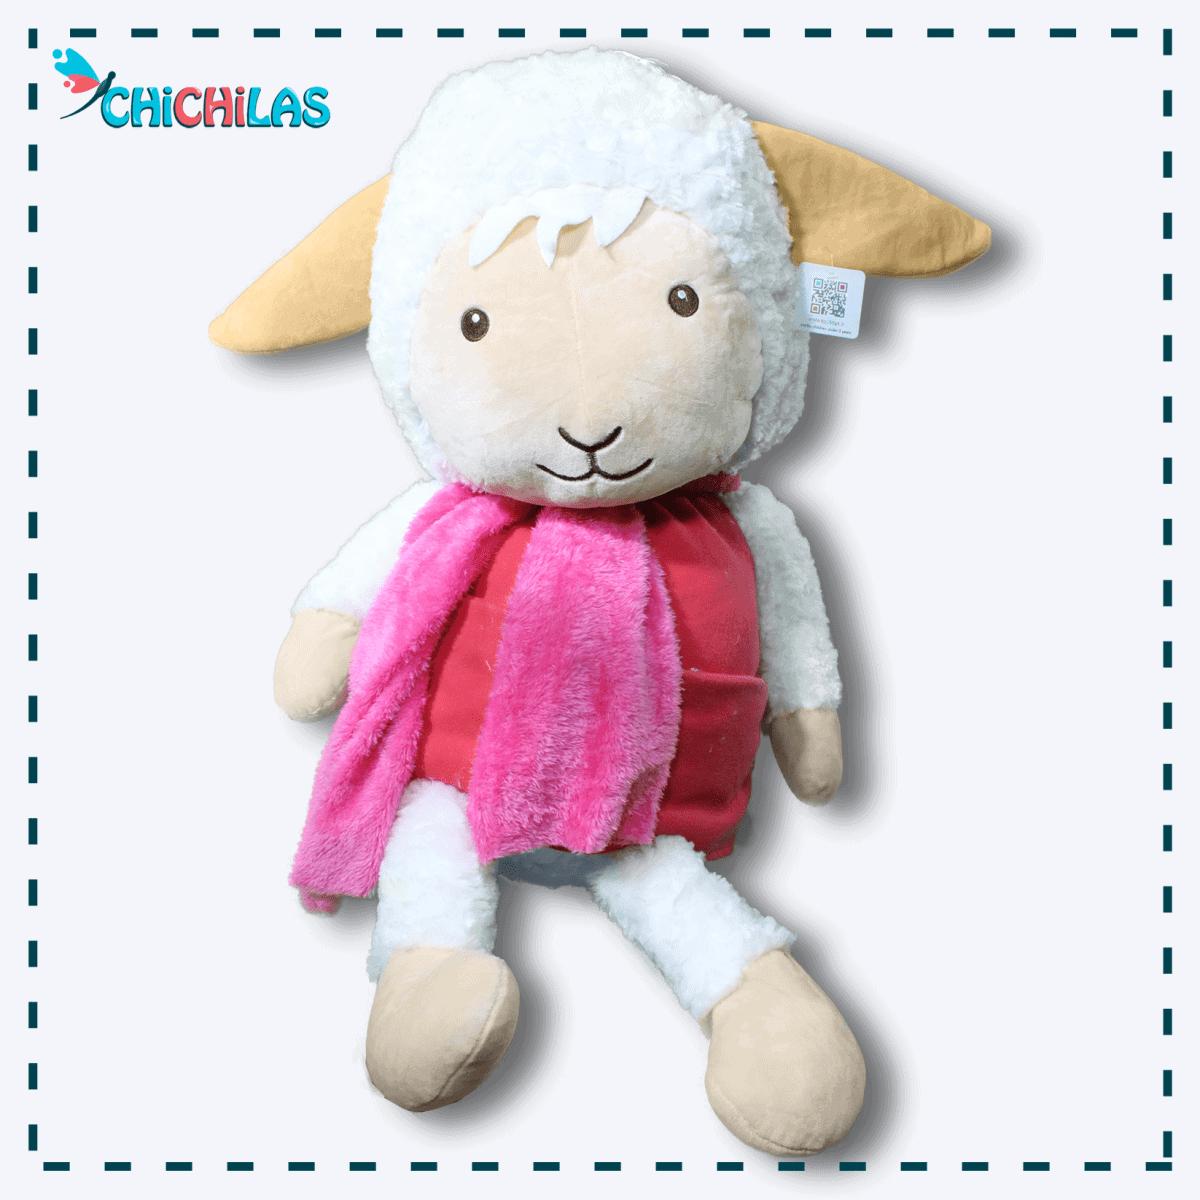 چیچیلاس - عروسک ببعی - عروسک گوسفند - عروسک ببعی بزرگ - عروسک دخترانه - فروشگاه عروسک - خرید عروسک